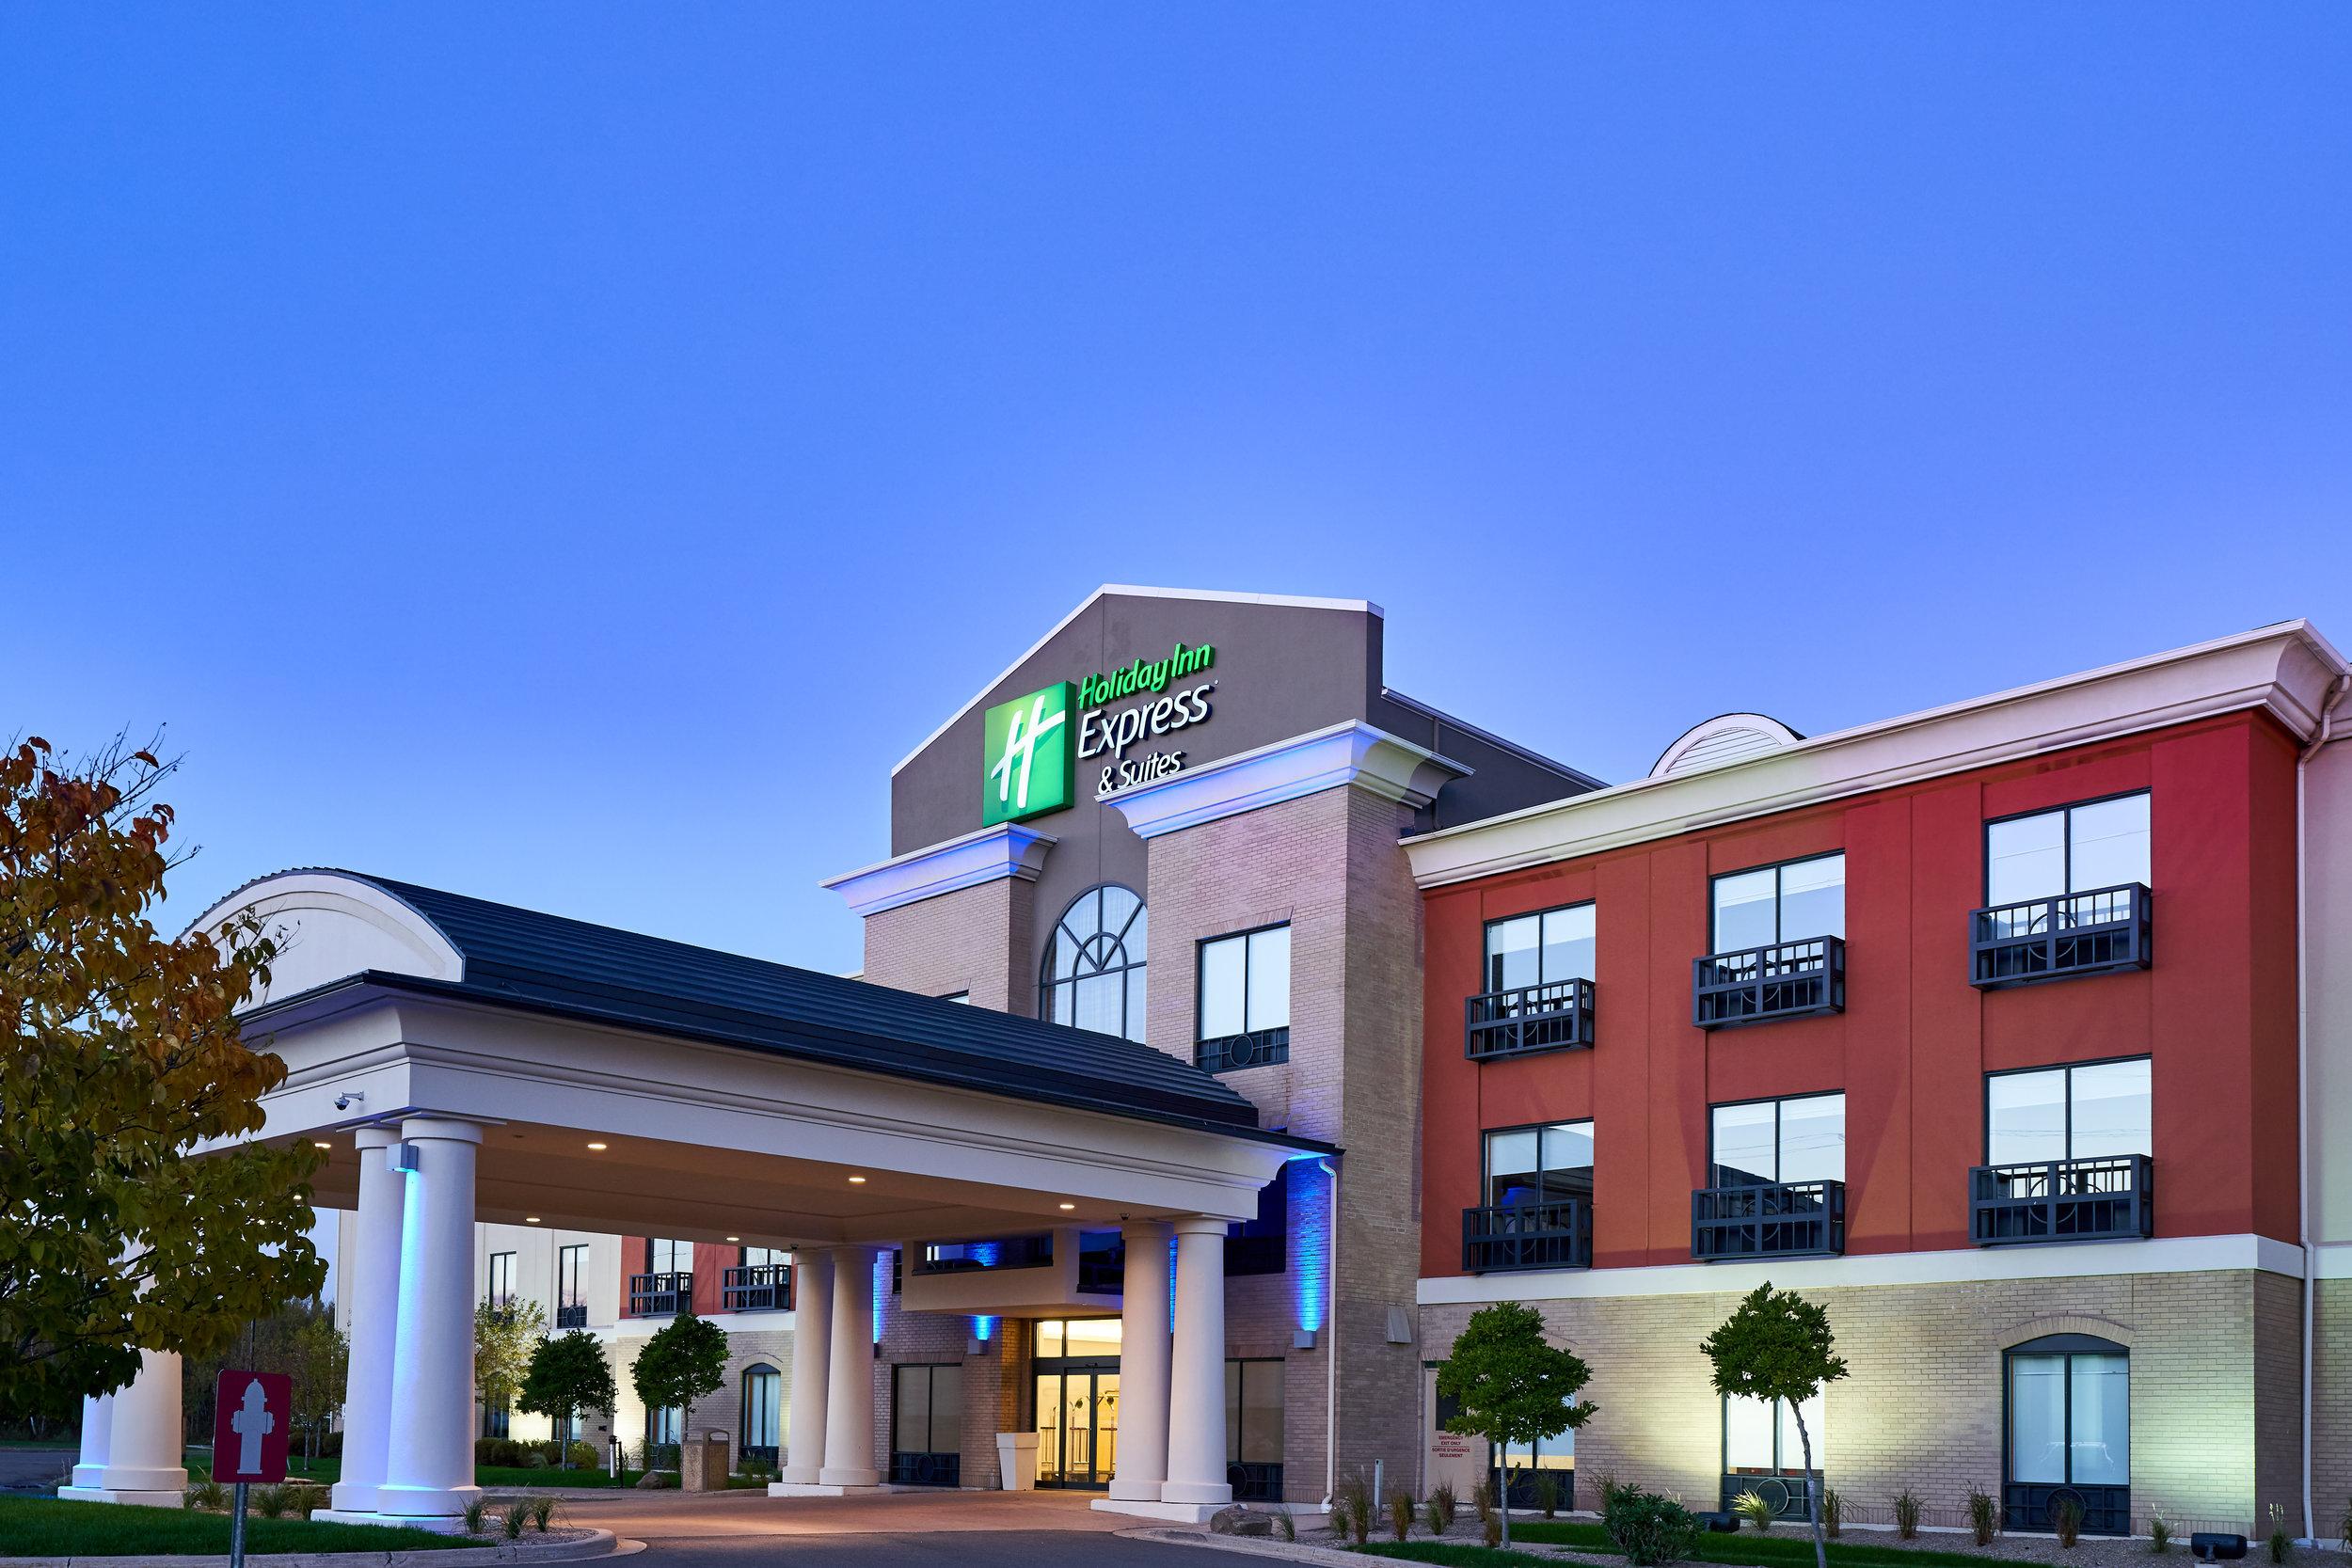 Holiday Inn Express - 040.jpeg